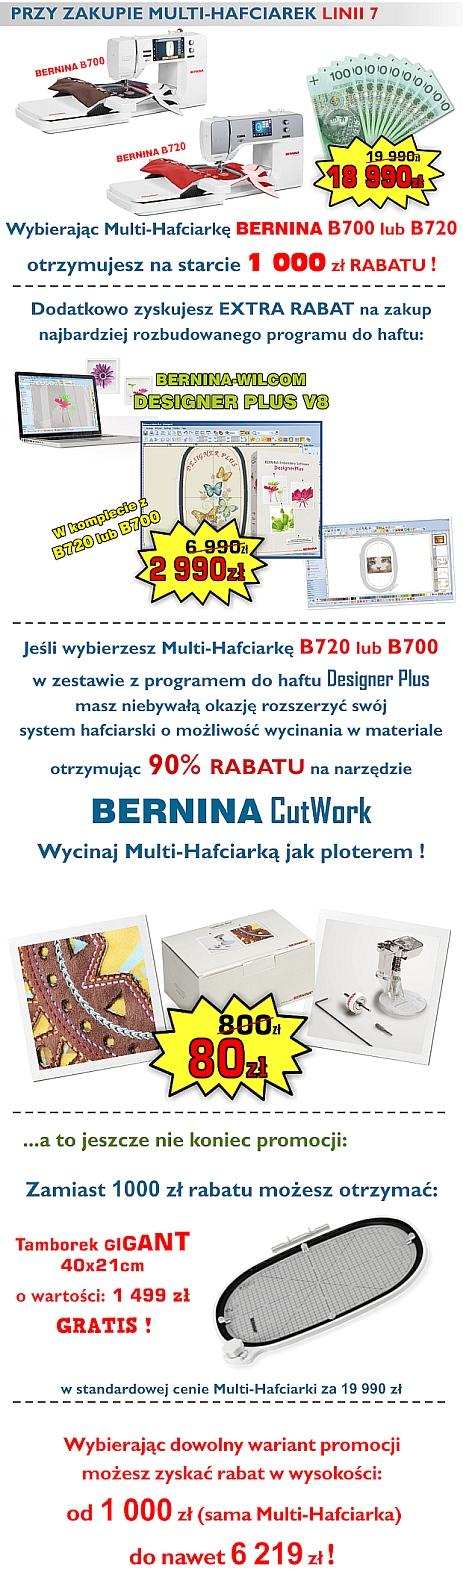 https://szycie.info.pl/pic/promocje/promo_2019_styczen_B7xx_bernina-pl.jpg